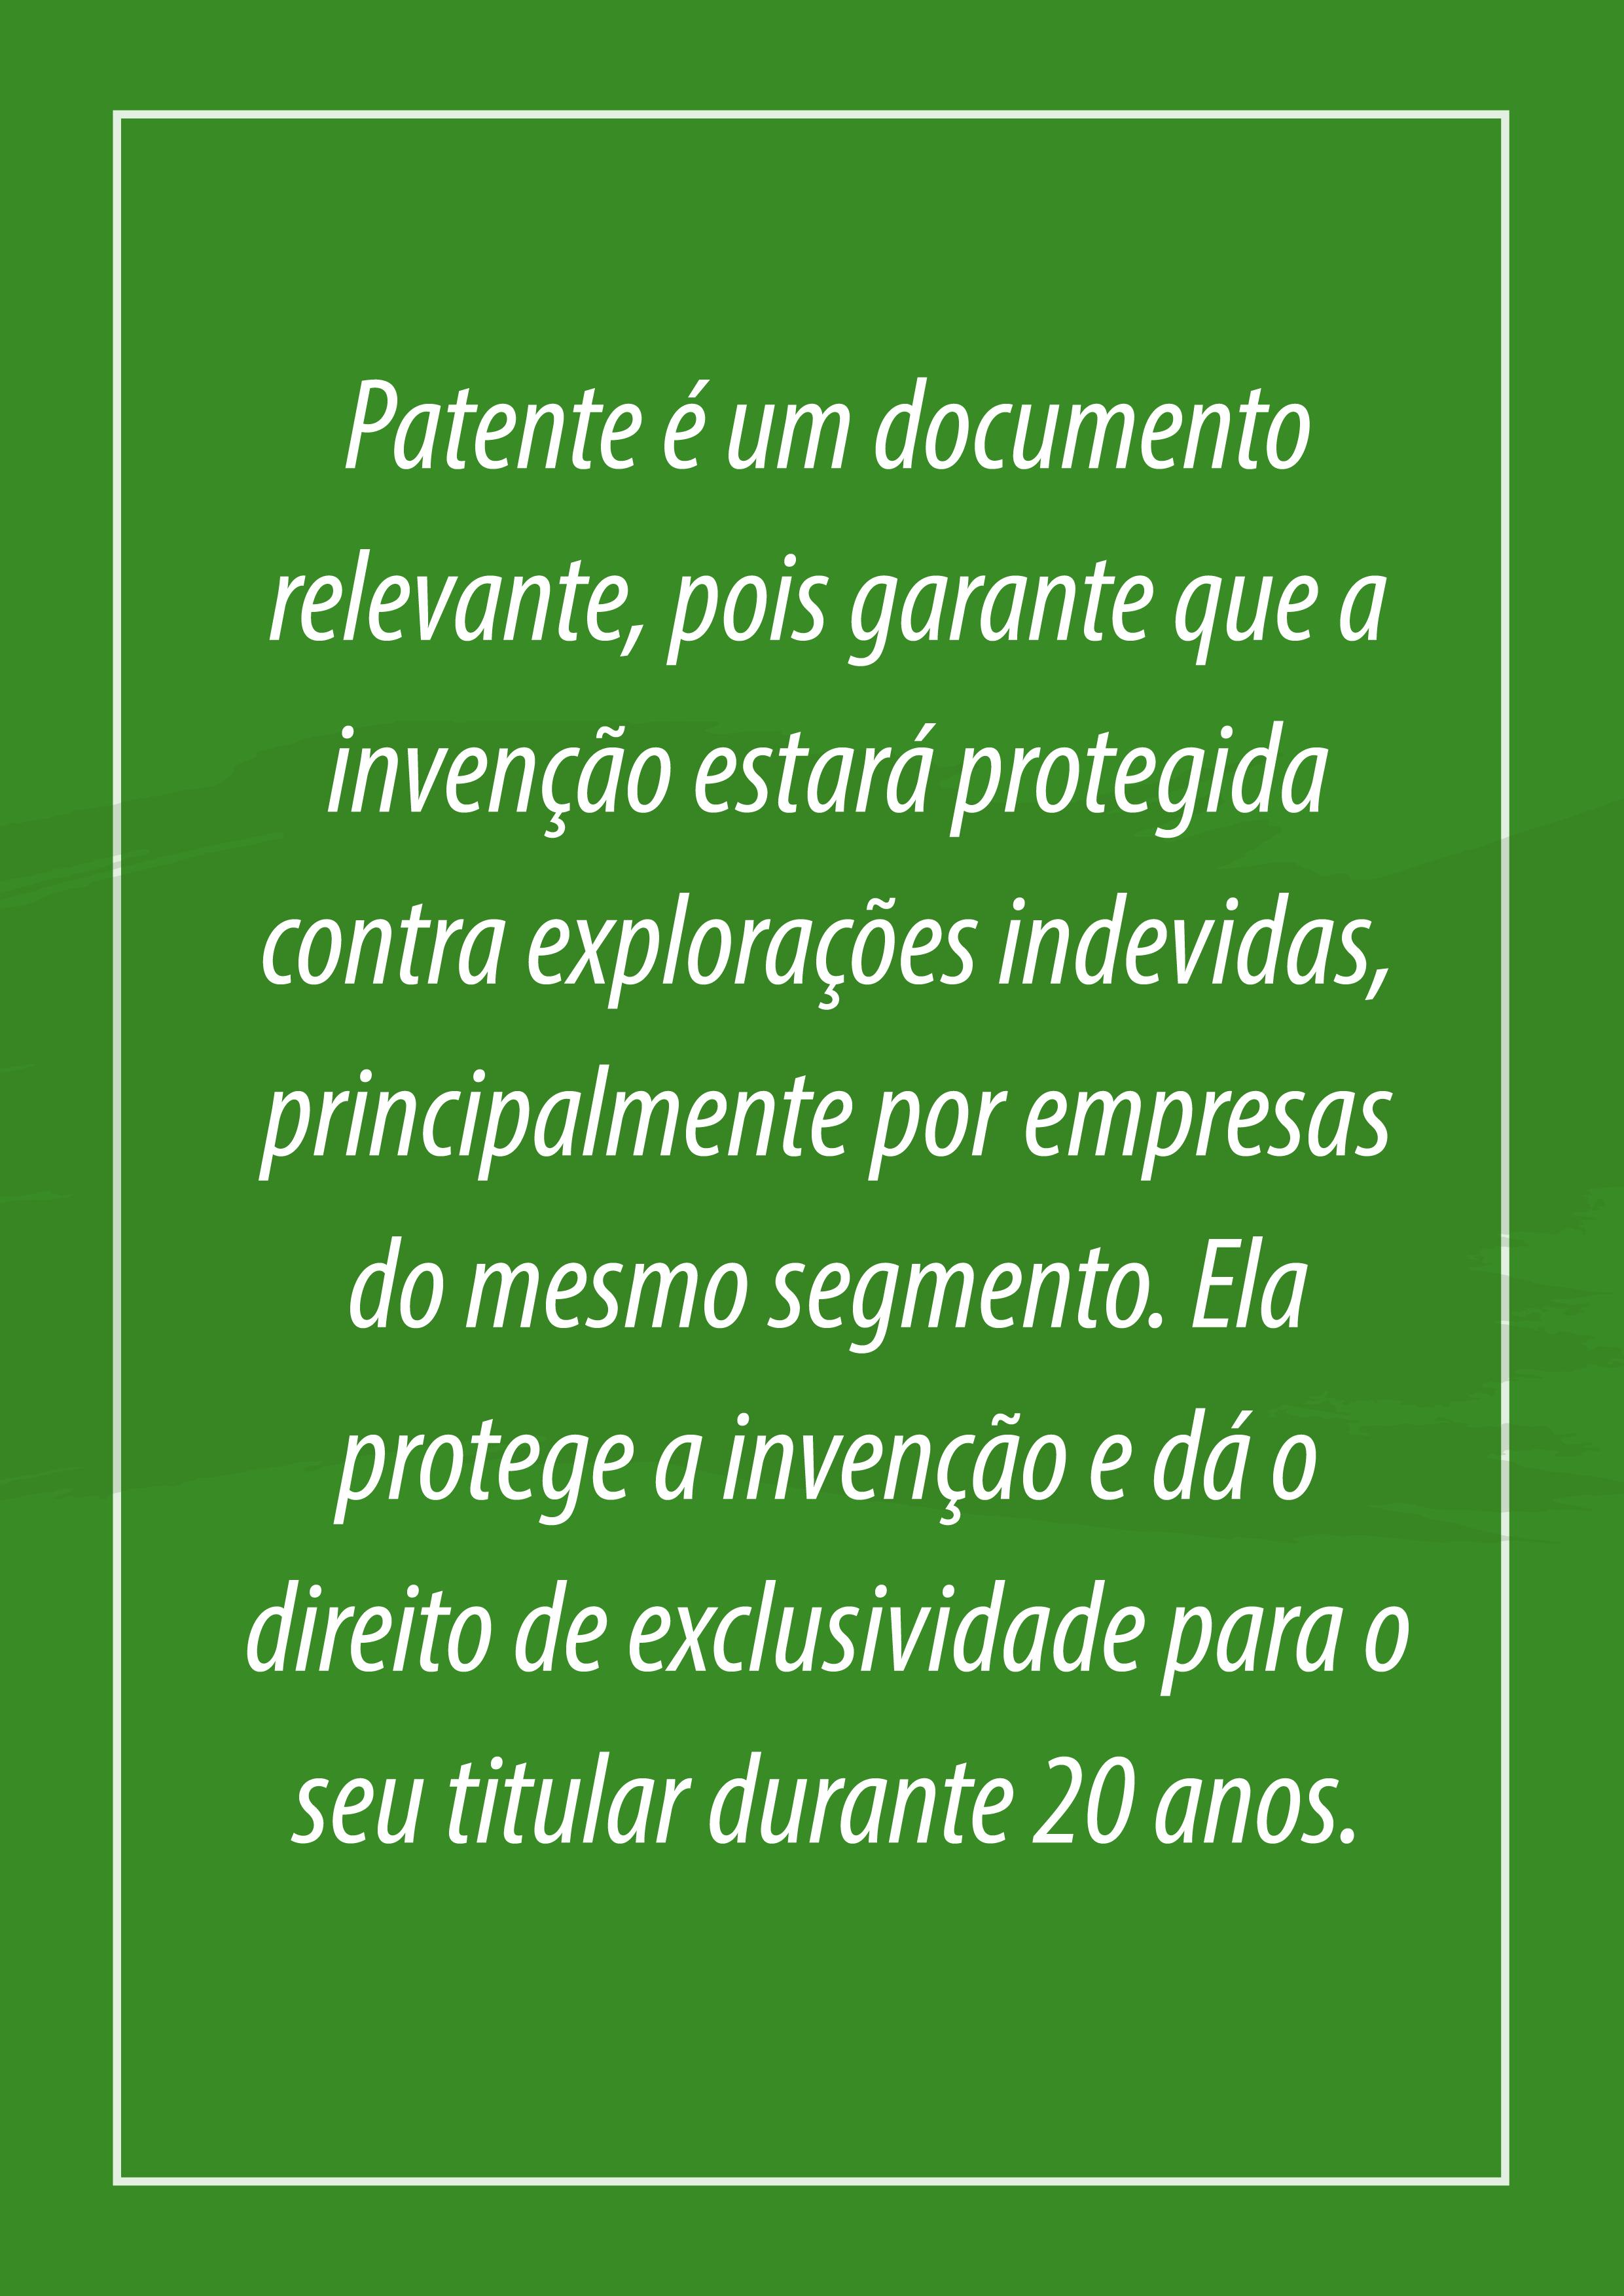 Arte texto patente 01